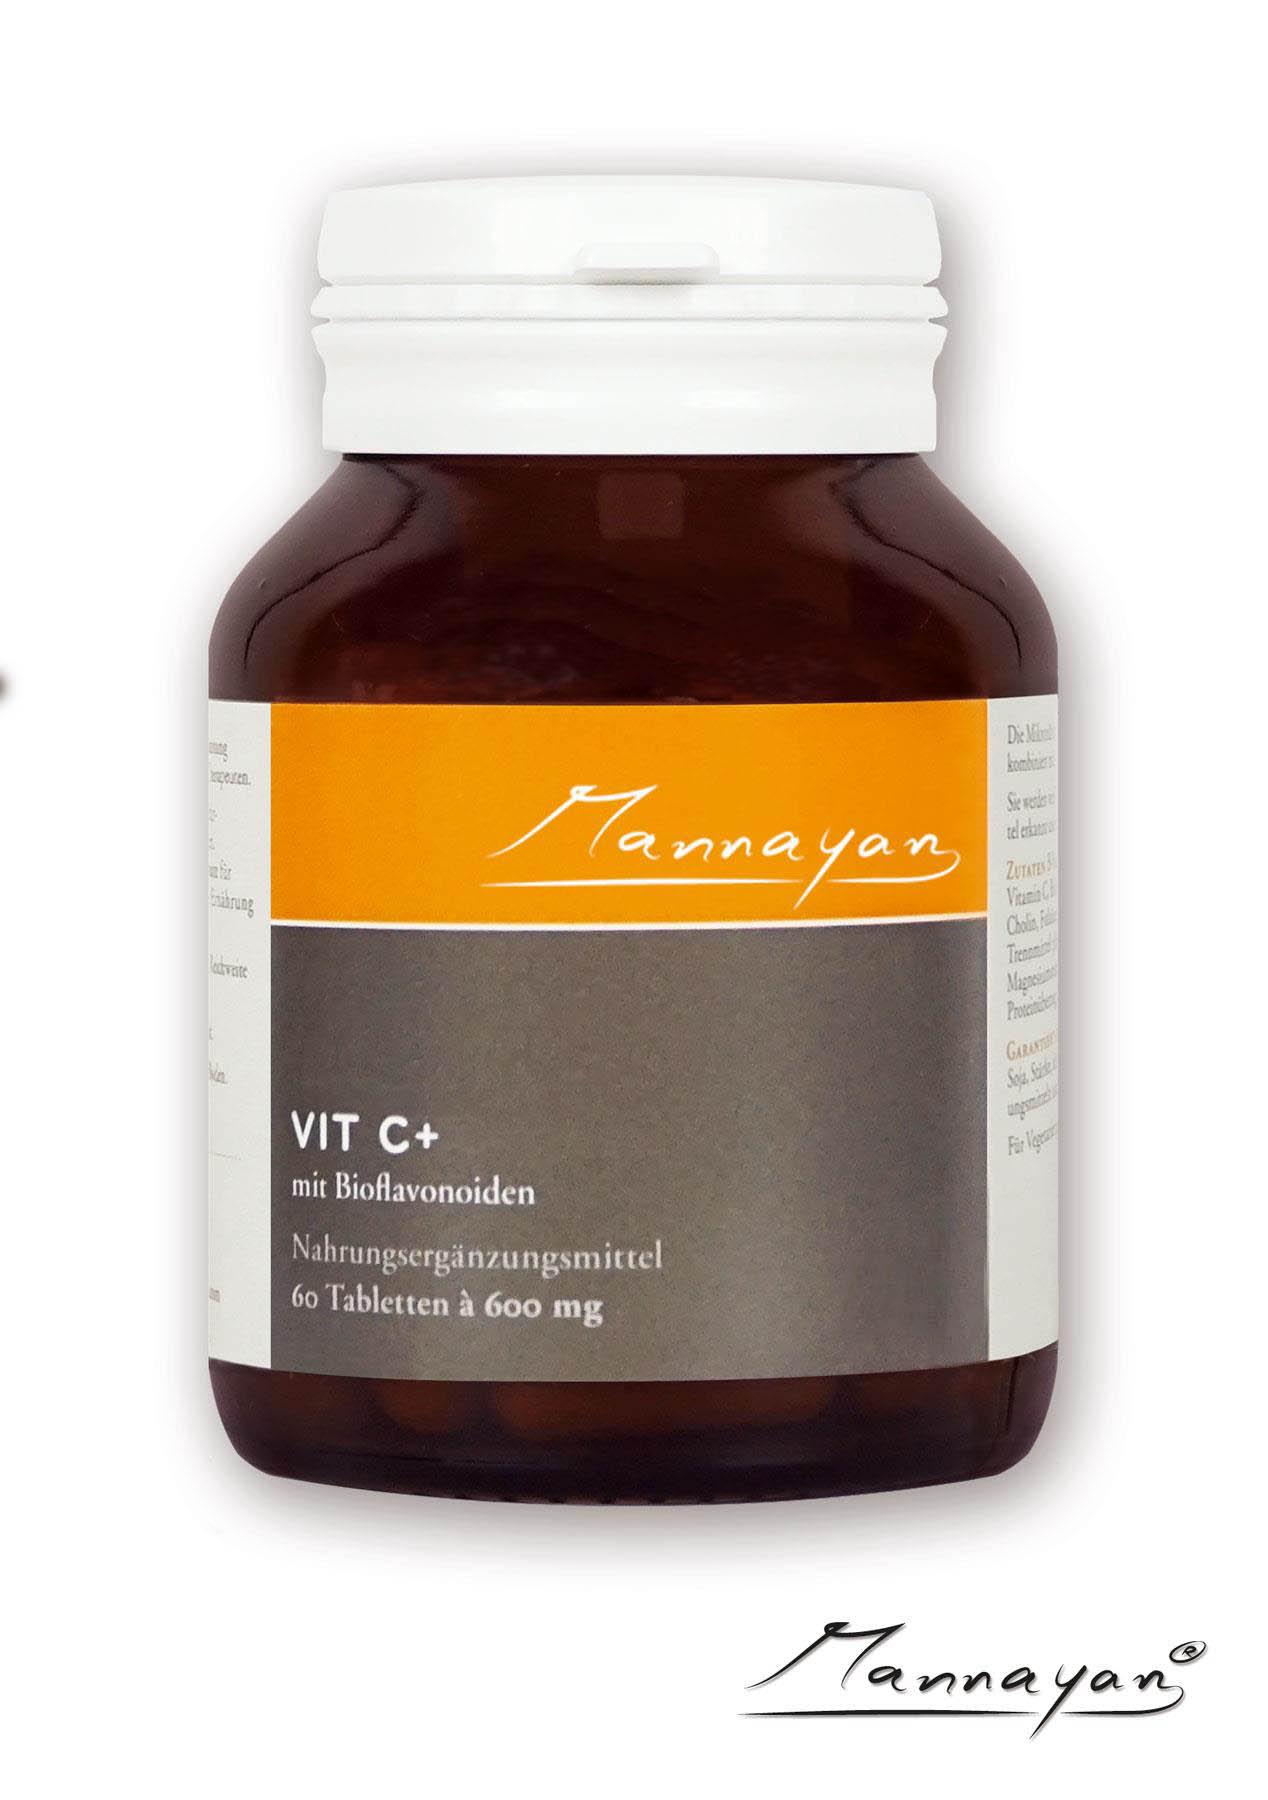 Vitamin C+ von Mannayan